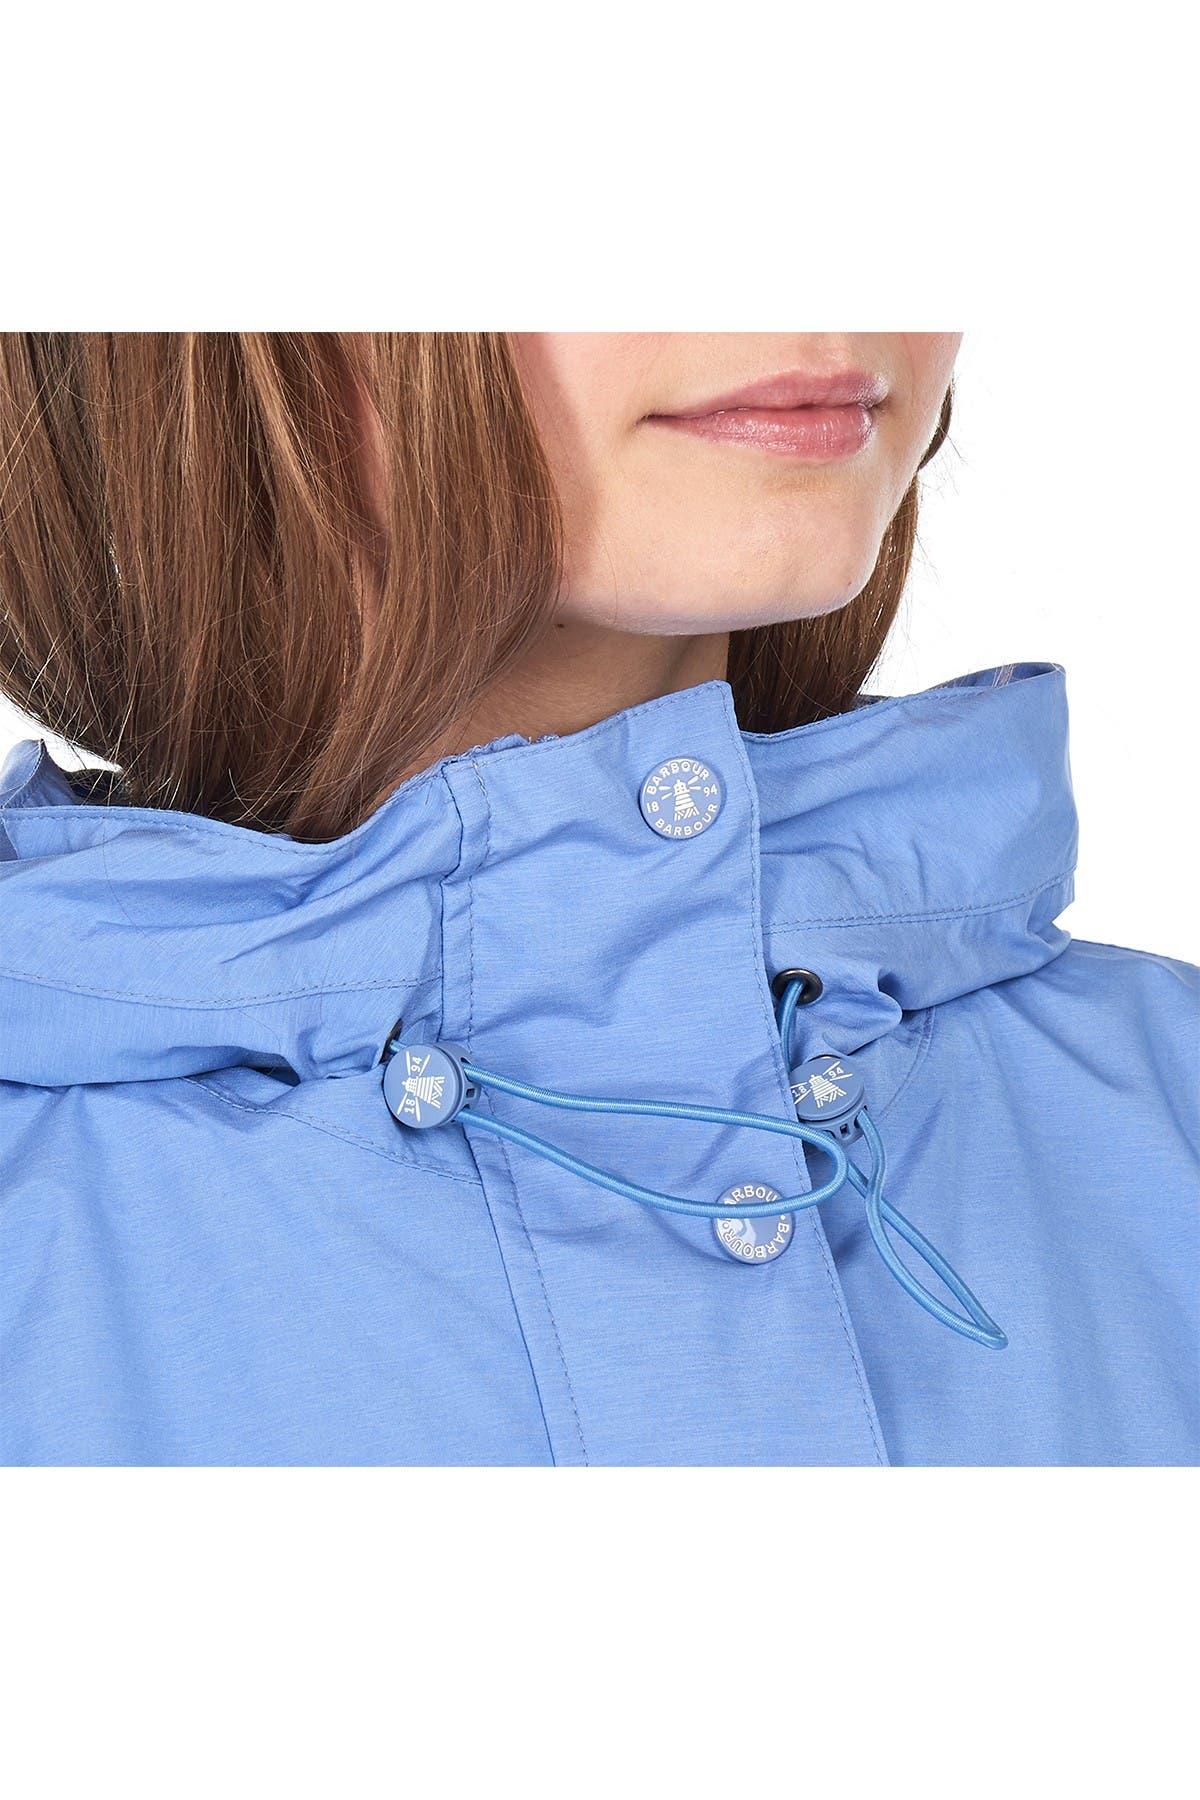 Image of Barbour Waterproof Sooty Jacket